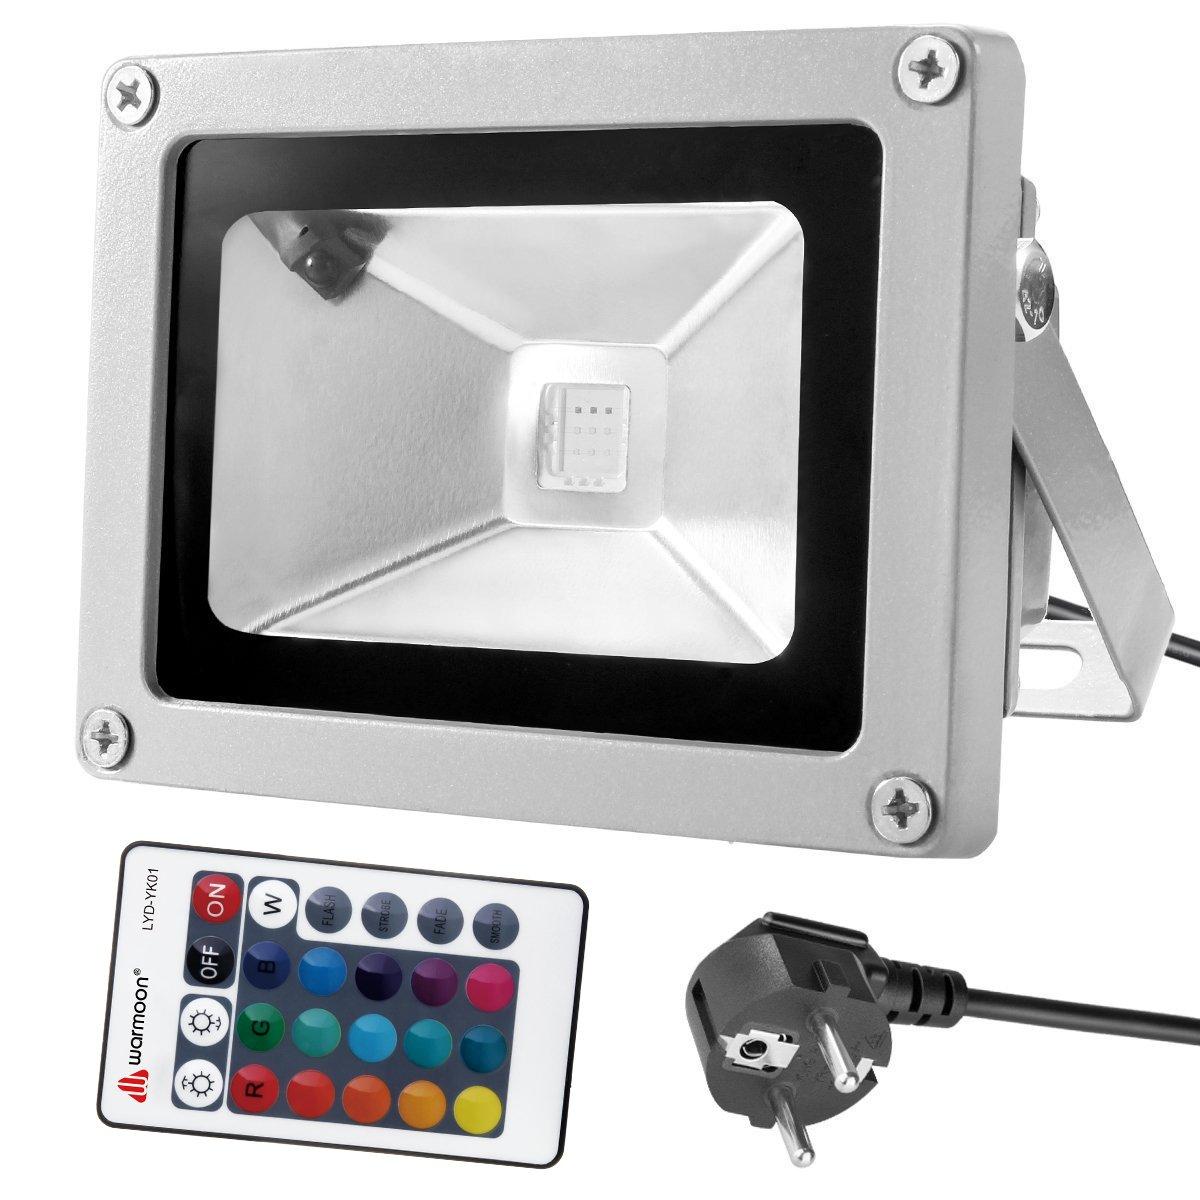 Warmoon 10W LED RGB Fluter Strahler Led Scheinwerfer außen Licht mit Fernbedienung IP65 Wasserdicht Led Außenleuchte mit EU Plug & Fernbedienung veatool direct